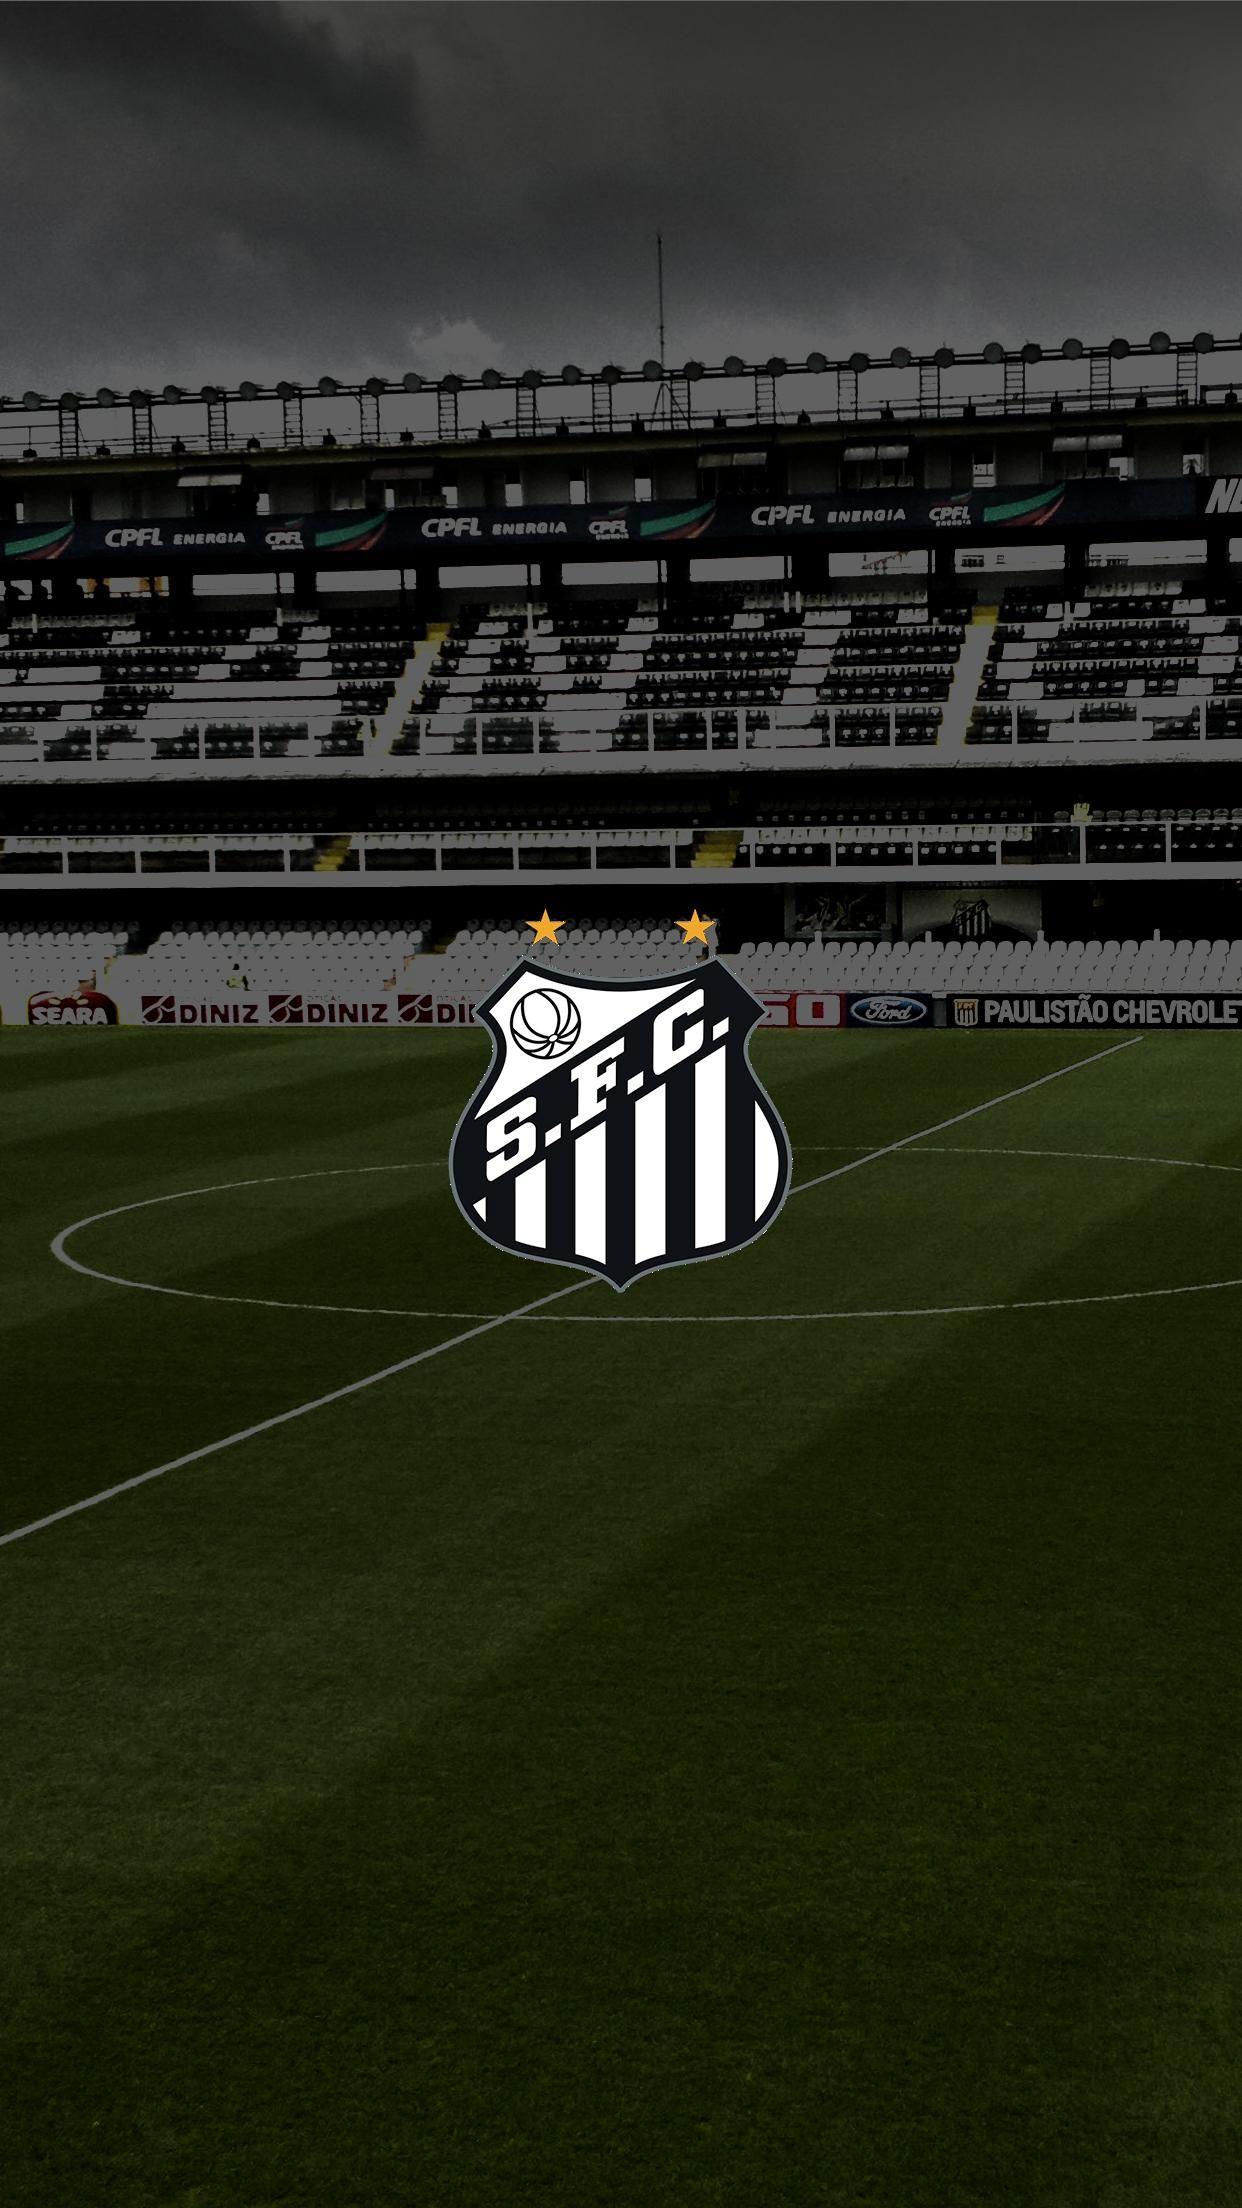 Papel de parede do Santos Futebol Clube  5fc07030ad57a